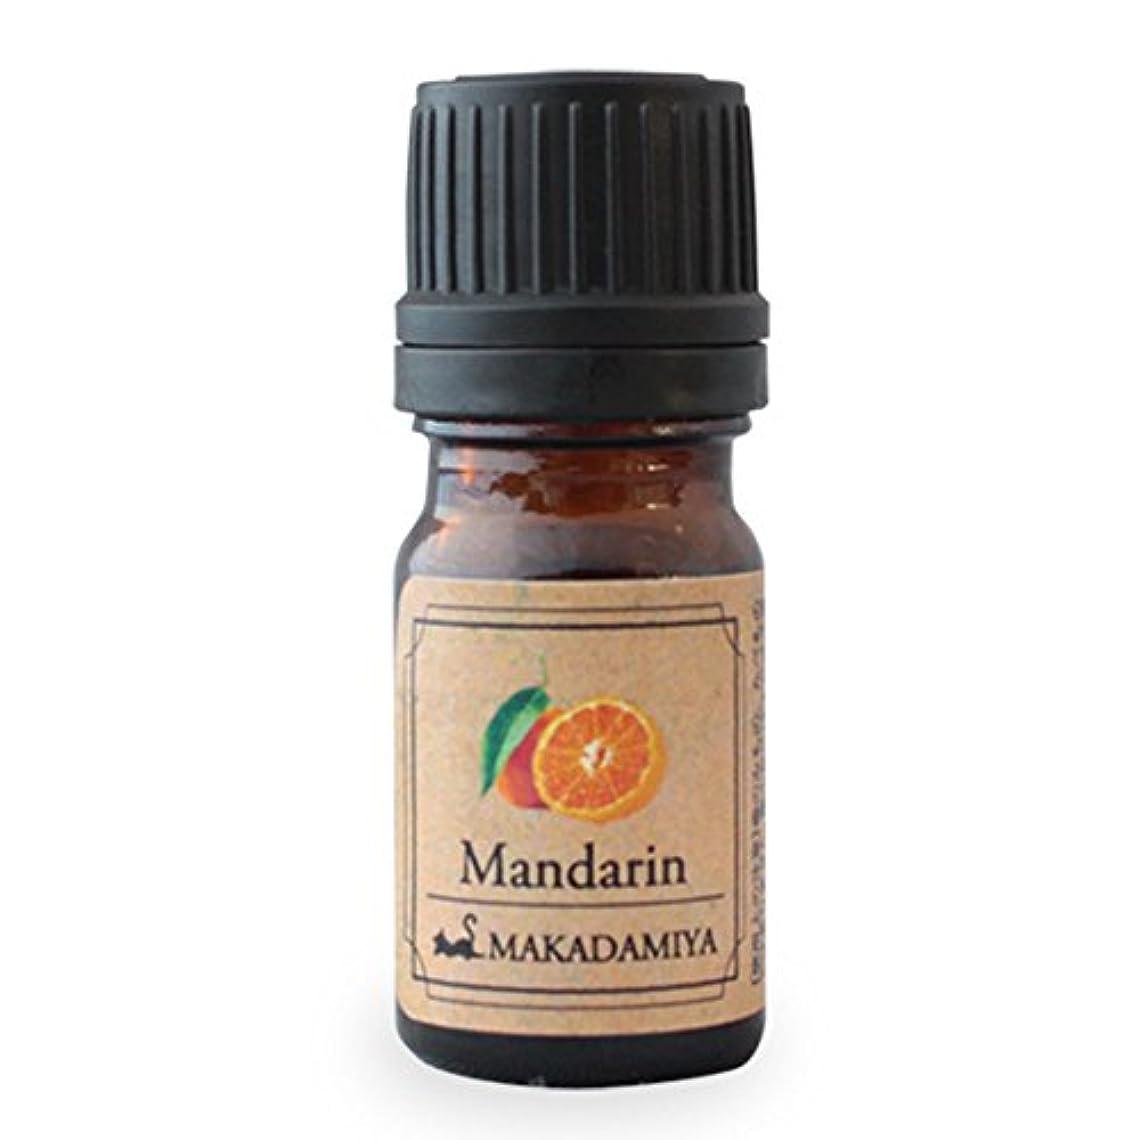 ブランド聞くモットーマンダリン5ml 天然100%植物性 エッセンシャルオイル(精油) アロマオイル アロママッサージ aroma Mandarin